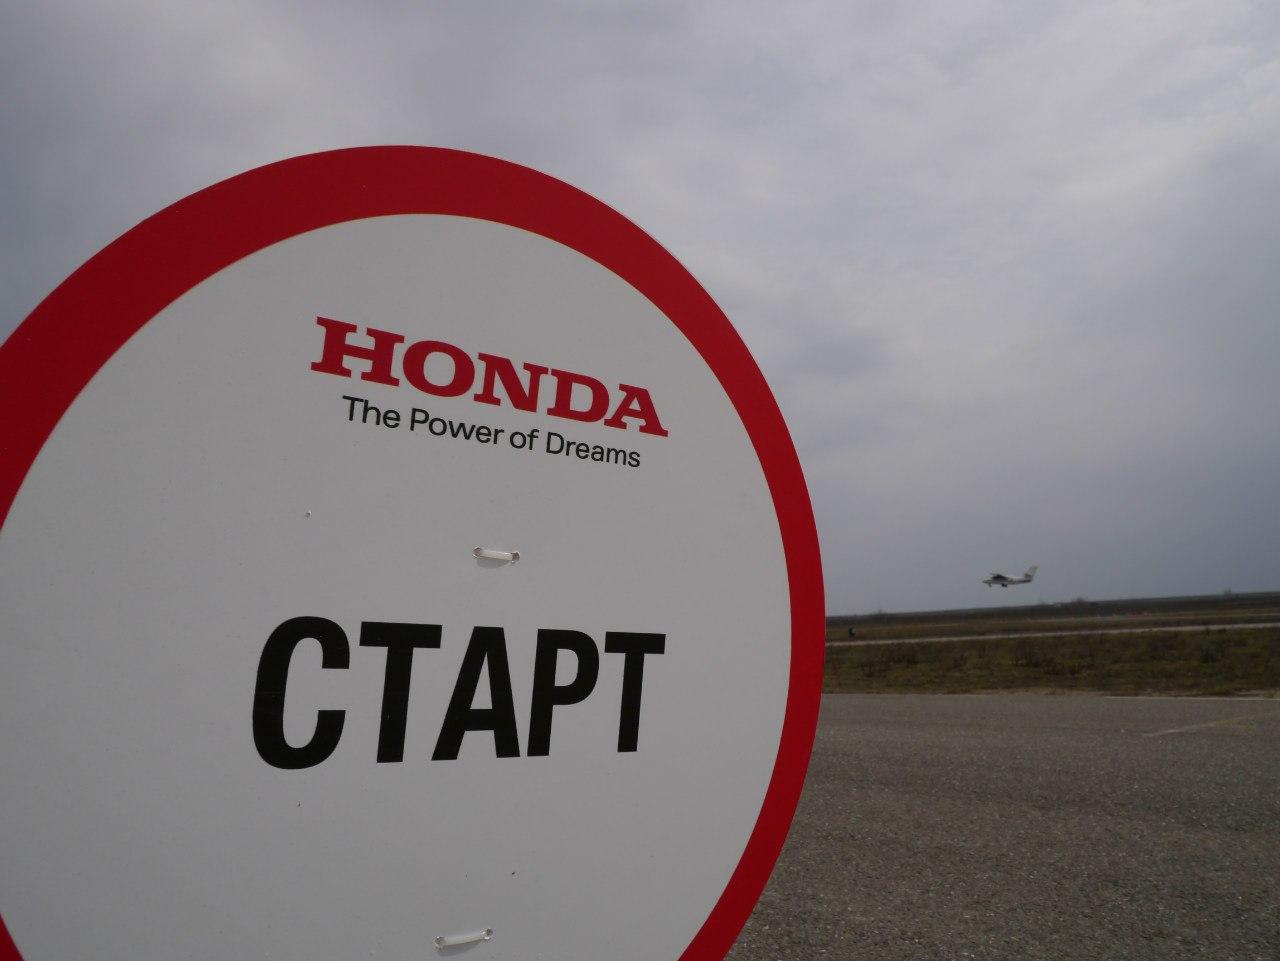 Honda Power of dreams